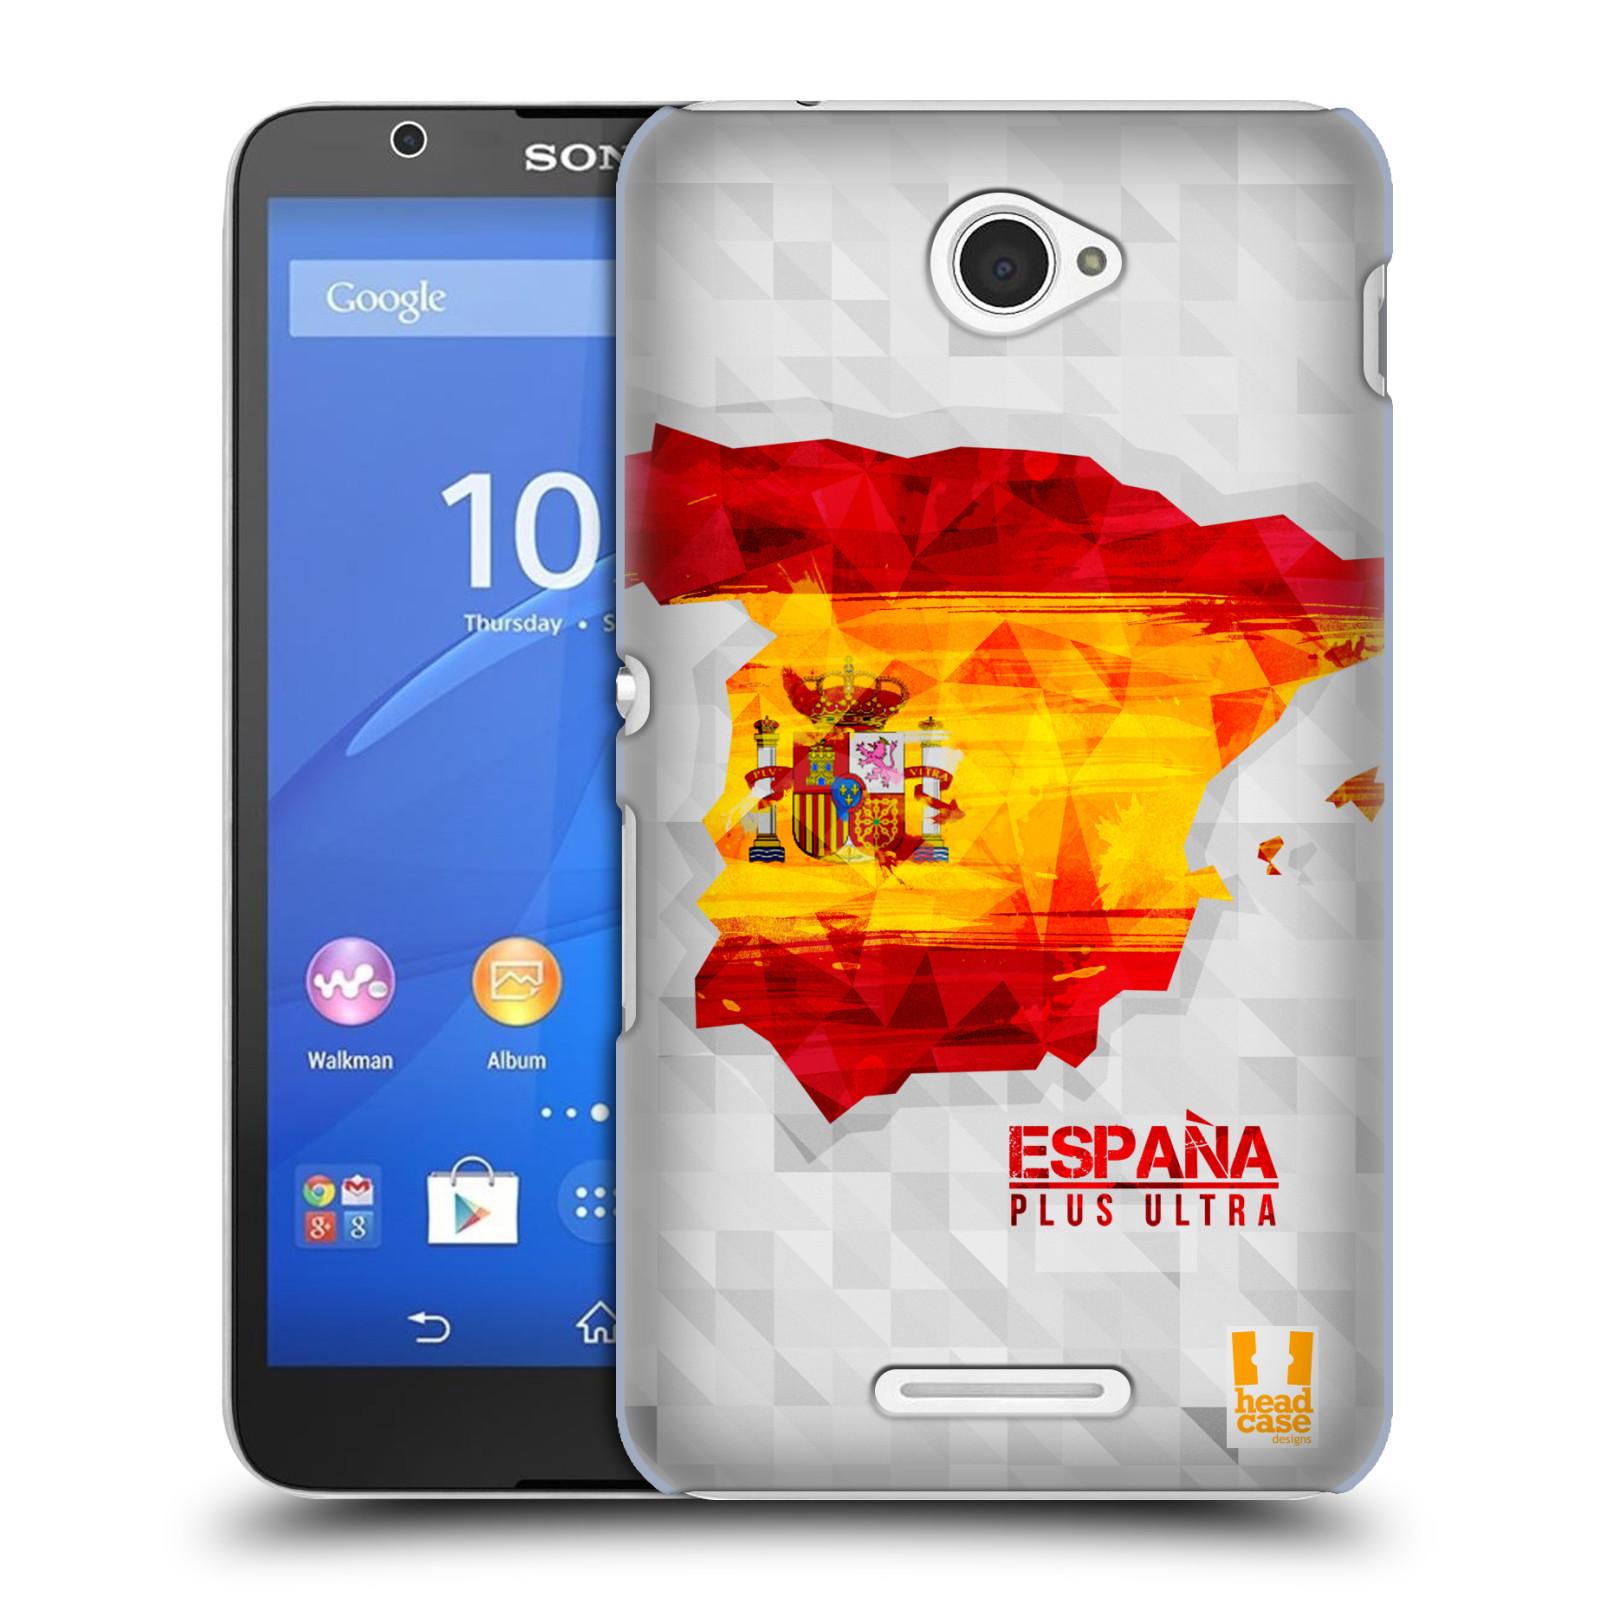 Plastové pouzdro na mobil Sony Xperia E4 E2105 HEAD CASE GEOMAPA ŠPANĚLSKO (Kryt či obal na mobilní telefon Sony Xperia E4 a E4 Dual SIM)